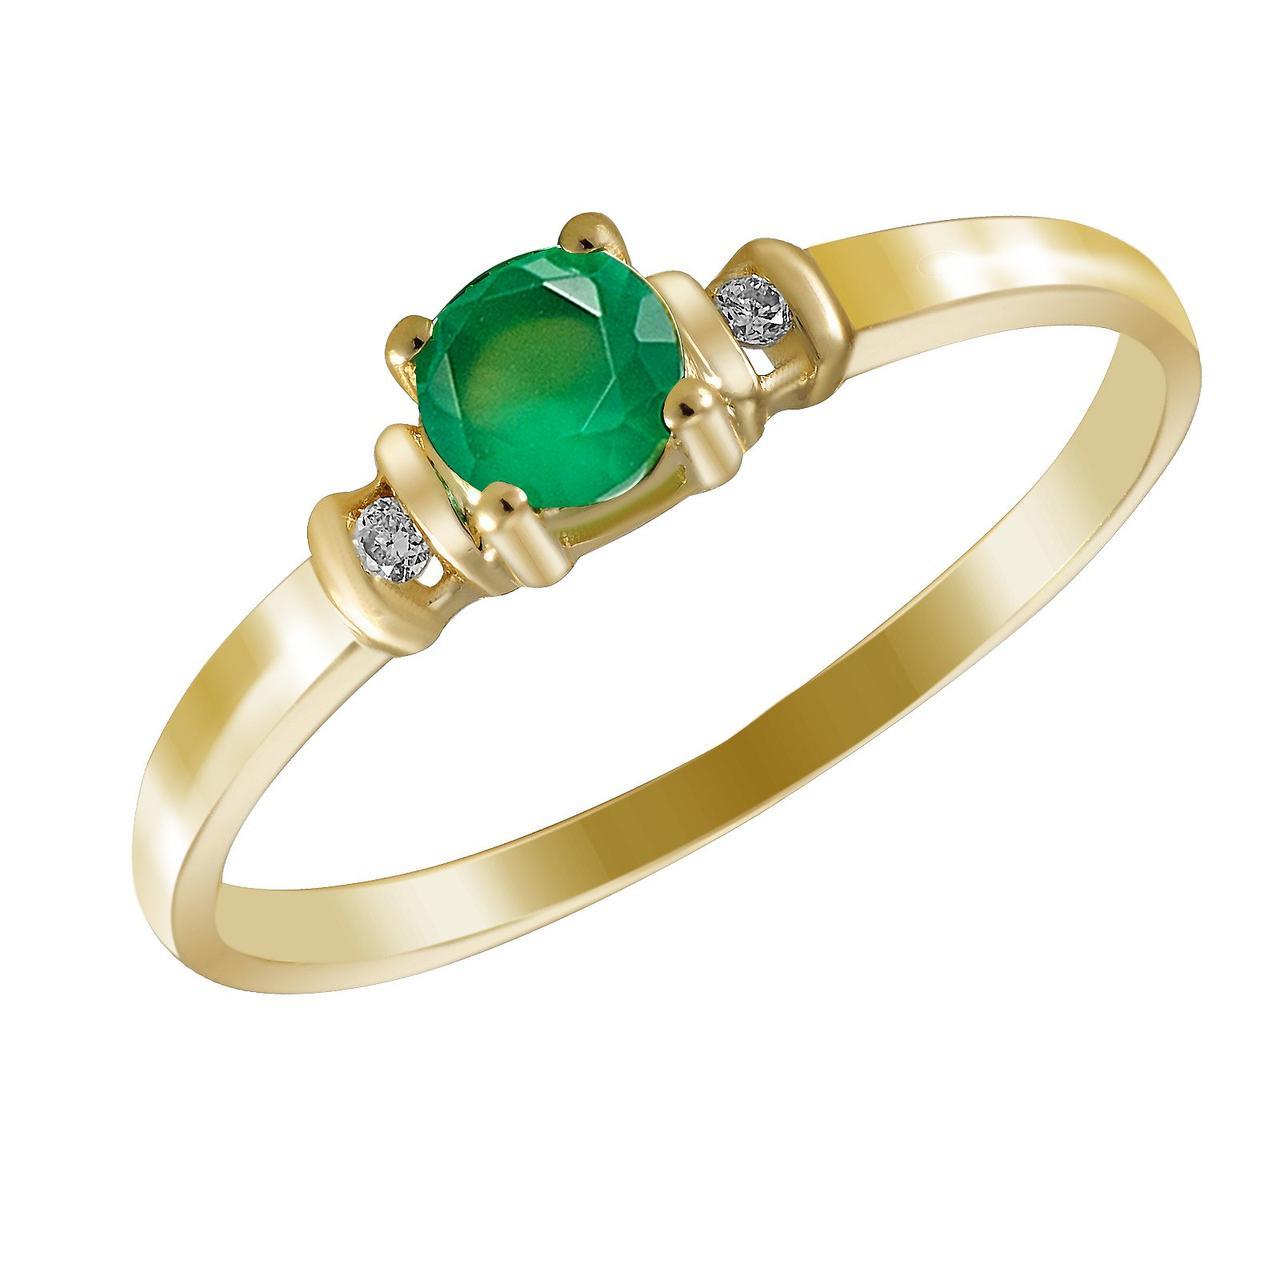 Золотое кольцо с бриллиантами и изумрудом, размер 16.5 (274901)